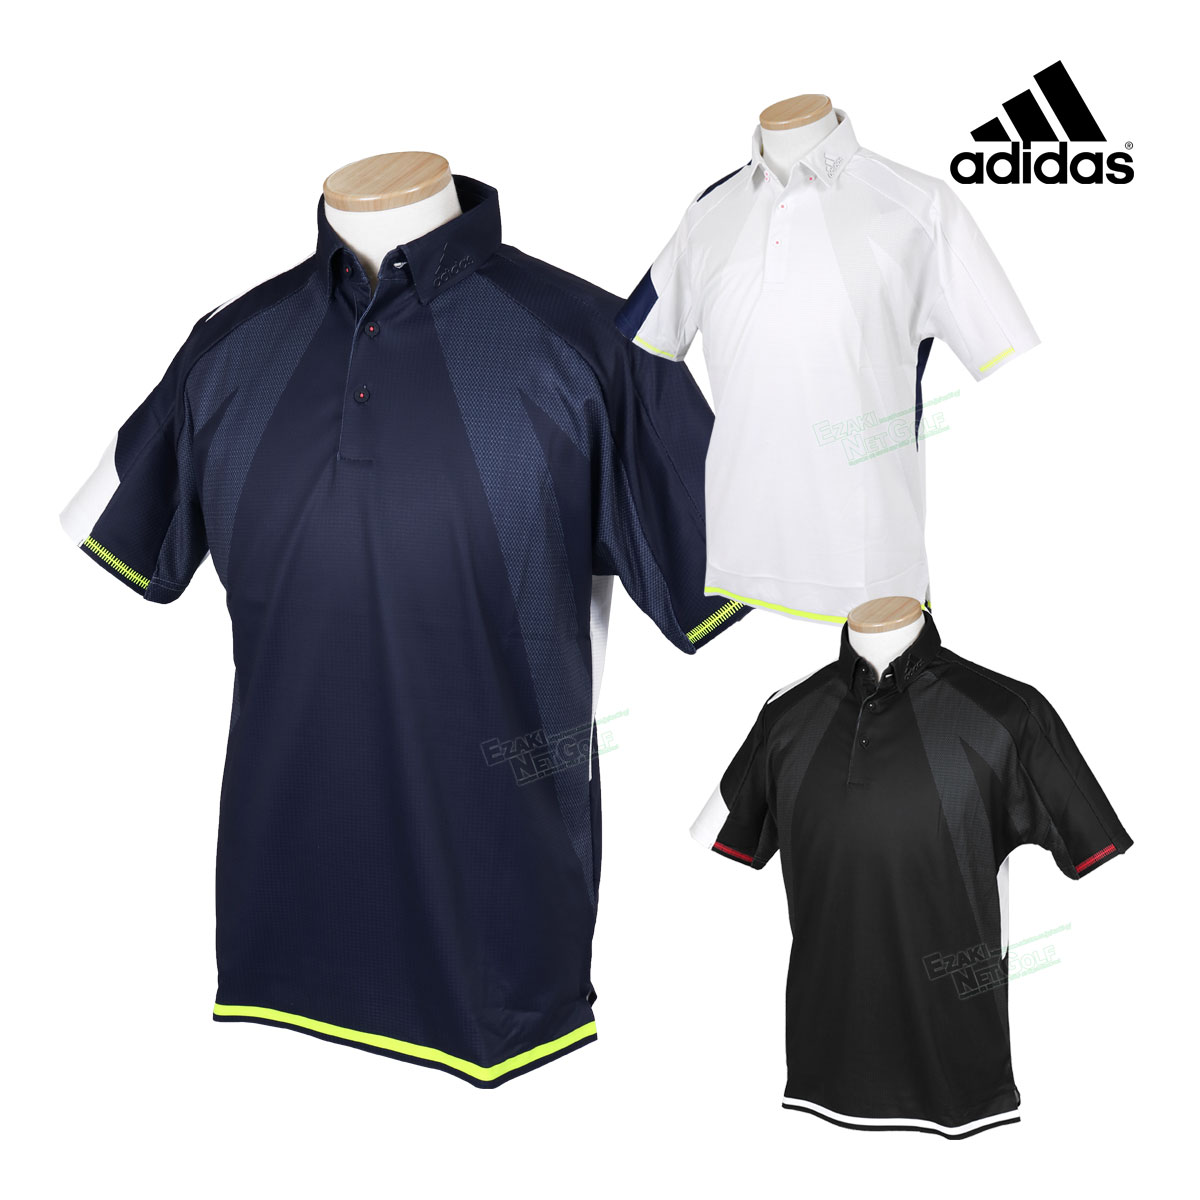 adidas Golf アディダスゴルフ 2020春夏モデルウエア シングルパネル 半袖ボタンダウンシャツ GKI11 【あす楽対応】